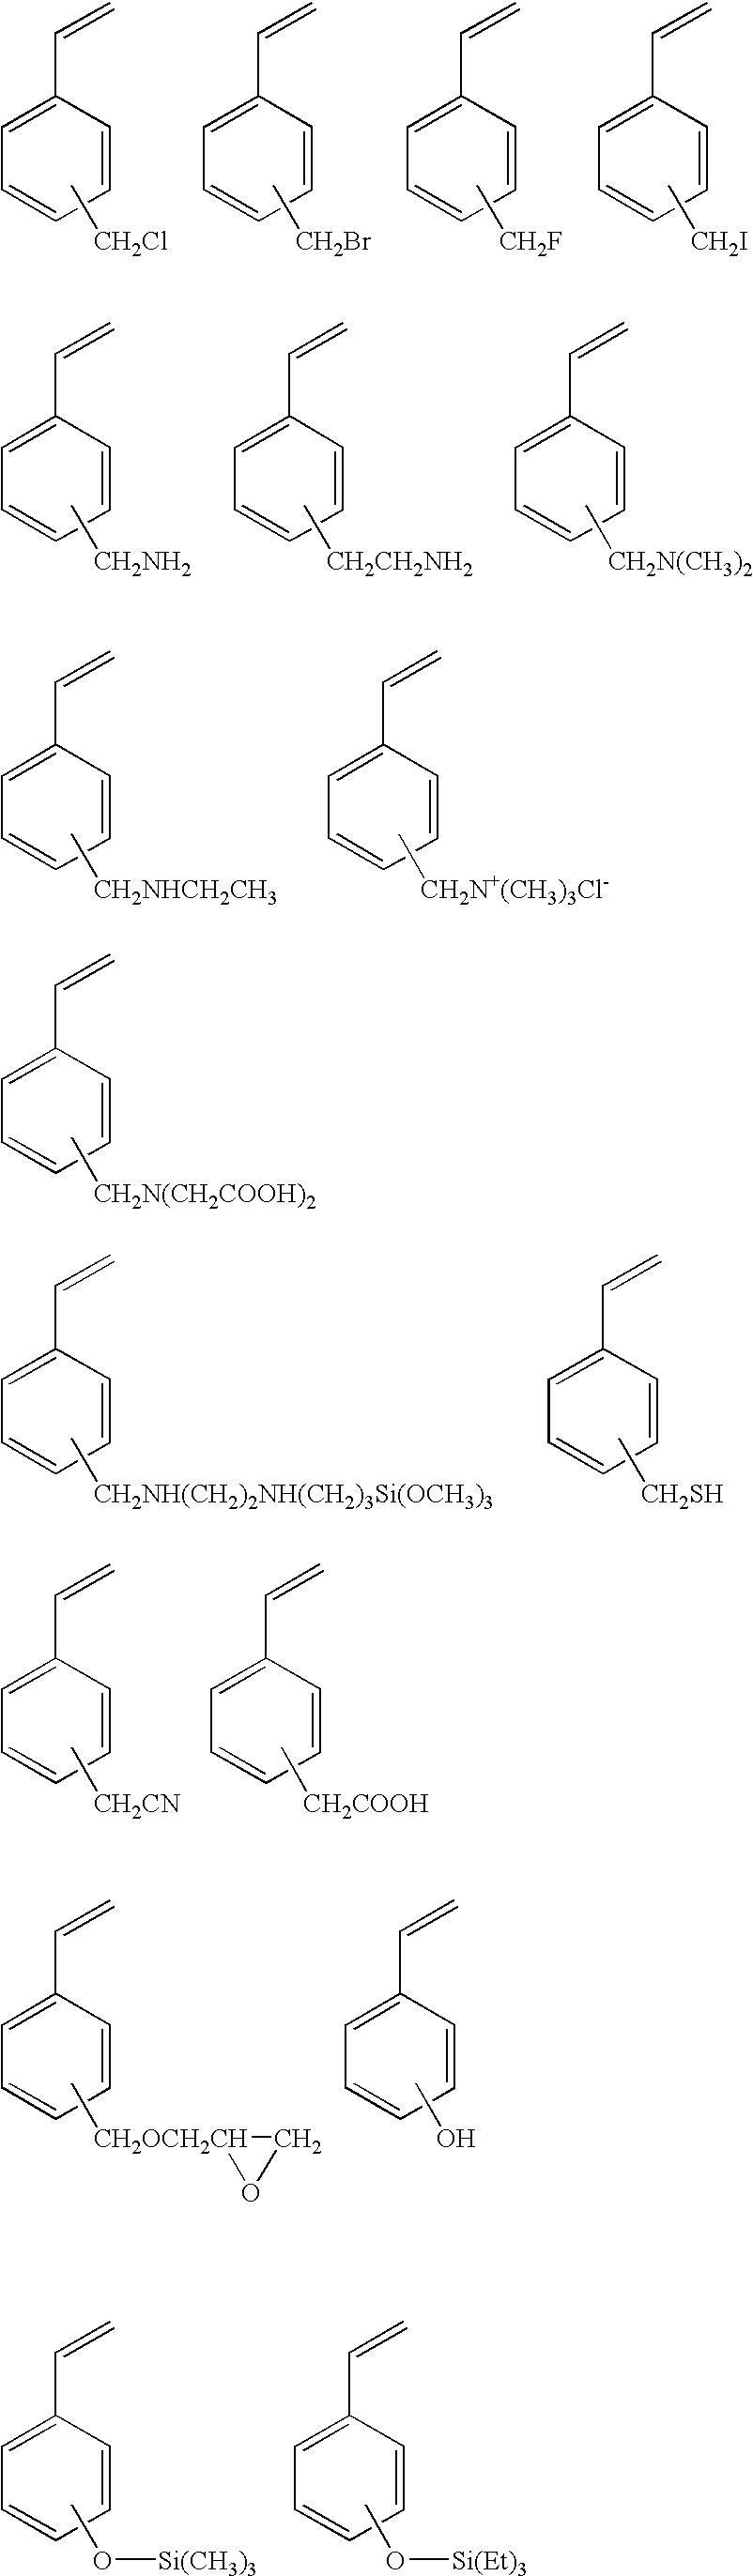 Figure US08293442-20121023-C00006